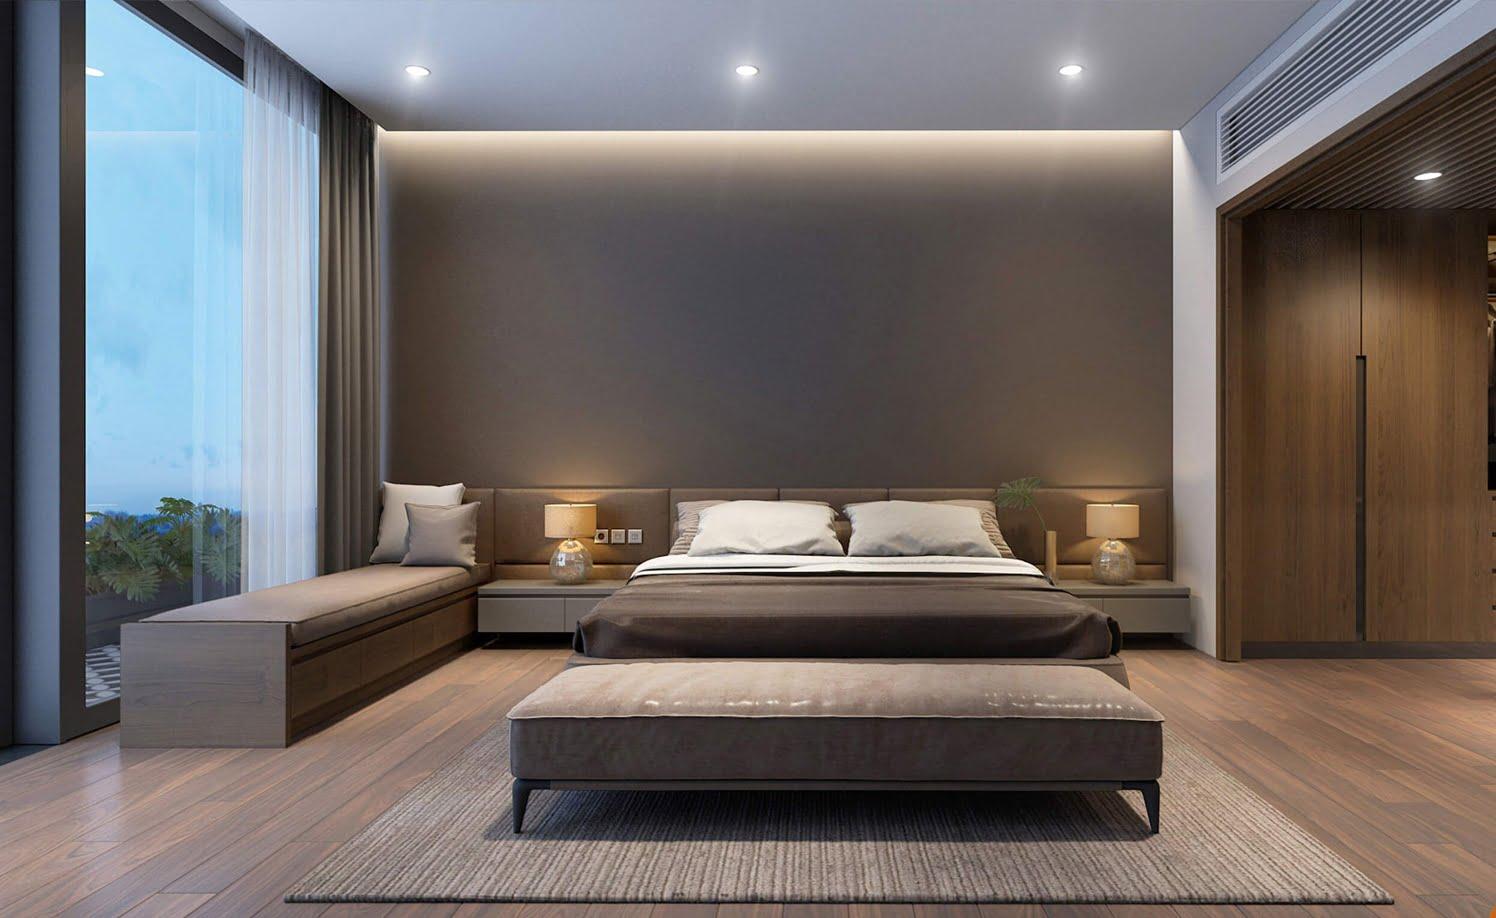 biệt thự 4 phòng ngủ